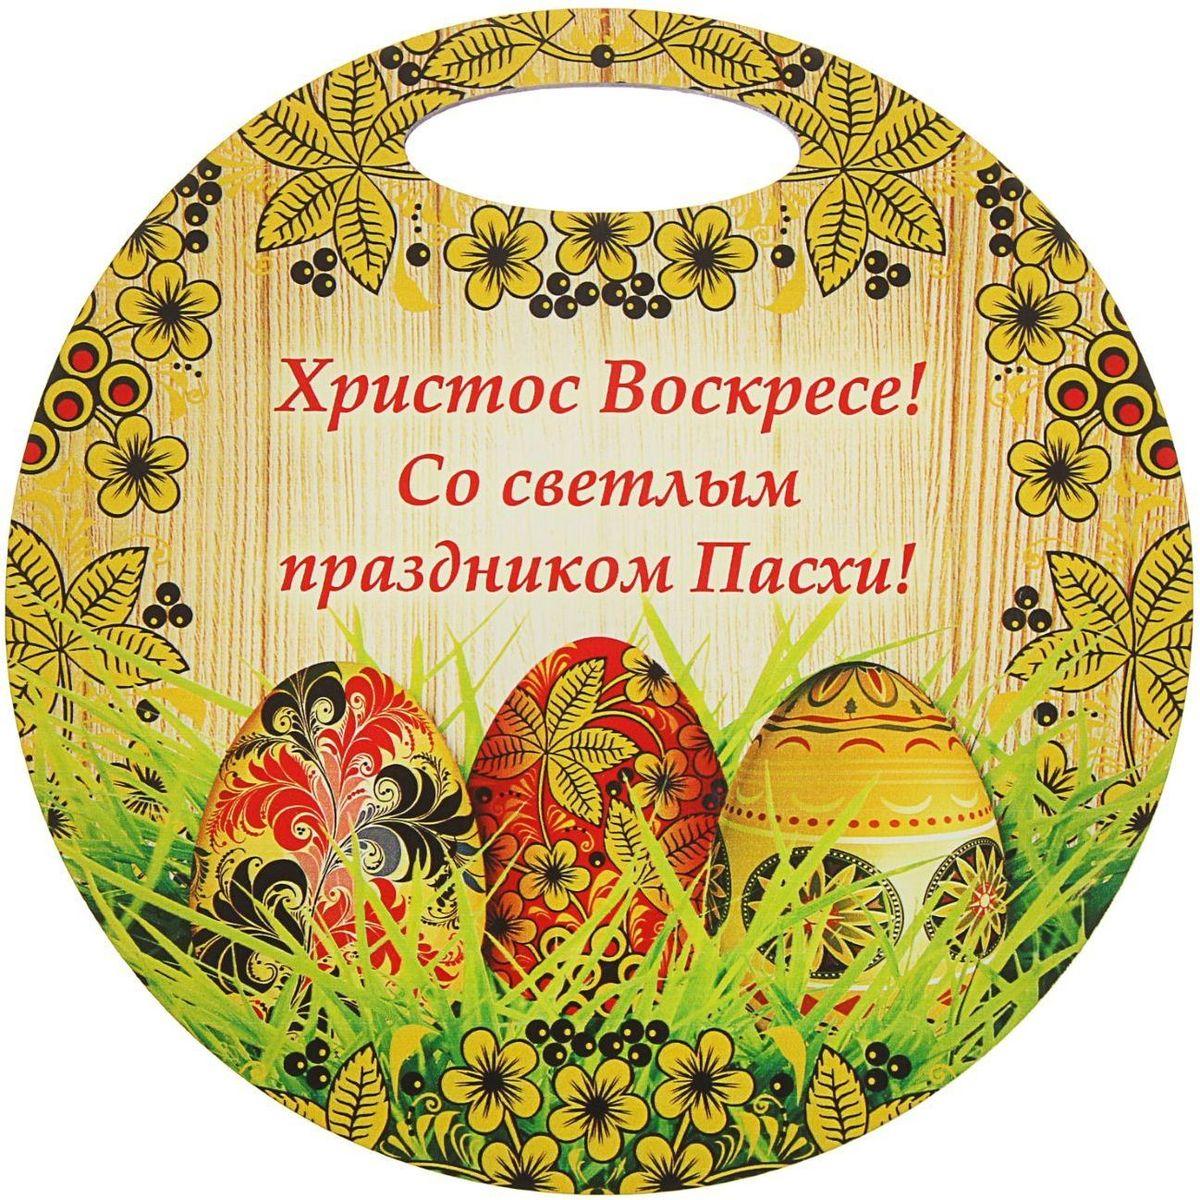 Доска разделочная Роспись. Пасха, диаметр 24,5 см1928552От качества посуды зависит не только вкус еды, но и здоровье человека. Данный товар соответствует российским стандартам качества. Любой хозяйке будет приятно держать его в руках.